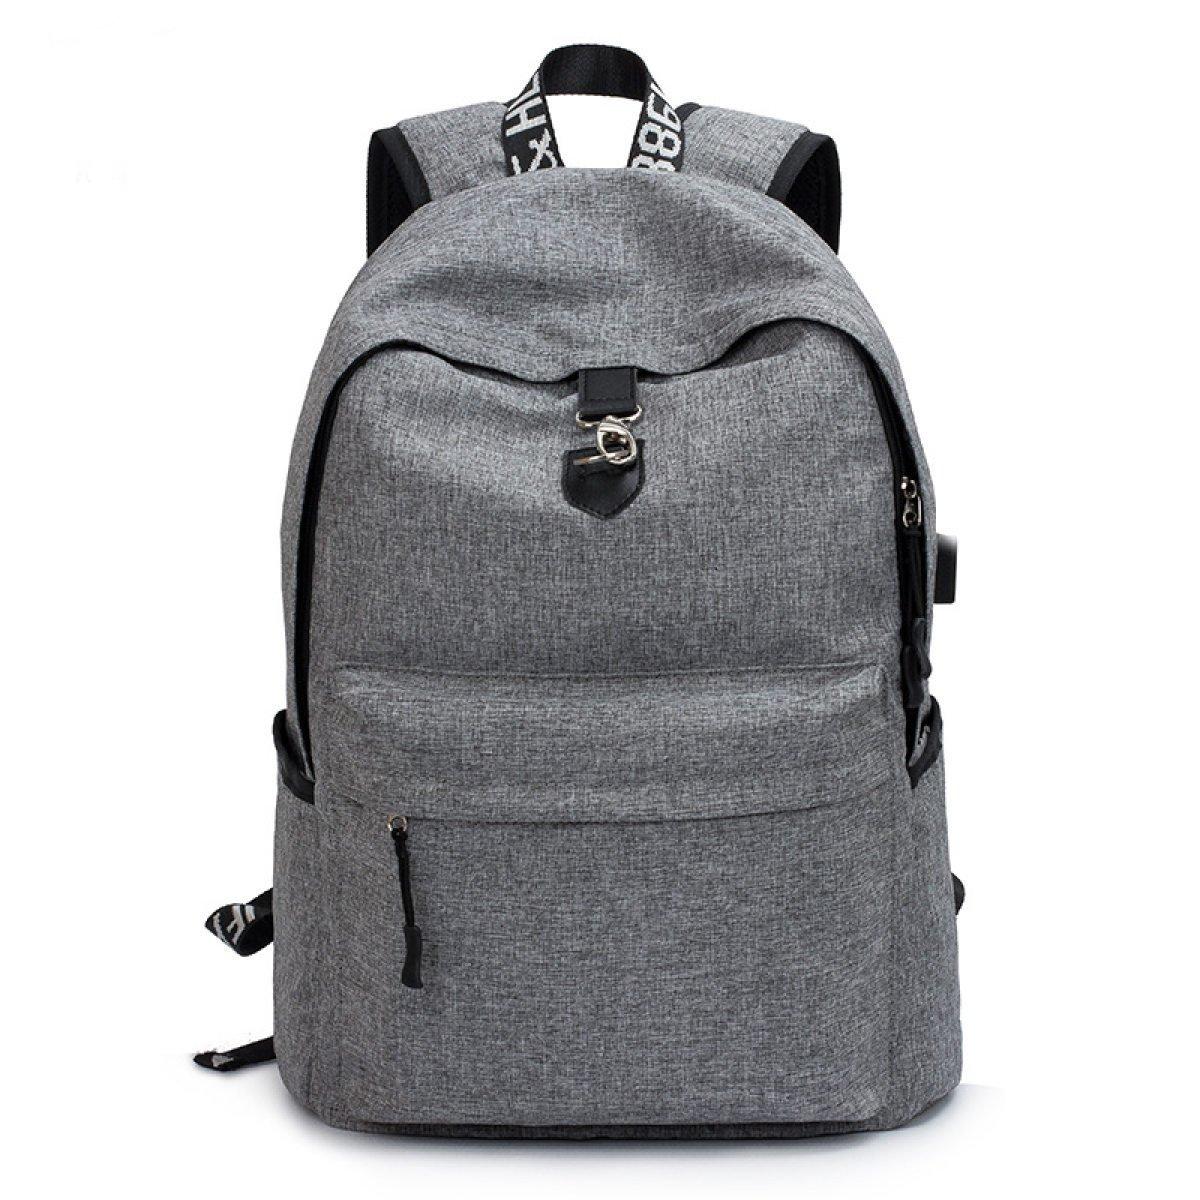 9163623583 Fournitures scolaires Cartables et sacs à dos BULAGE Sac épaules étudiant  Cartables Chargement USB Sacs à Dos Les Hommes ...